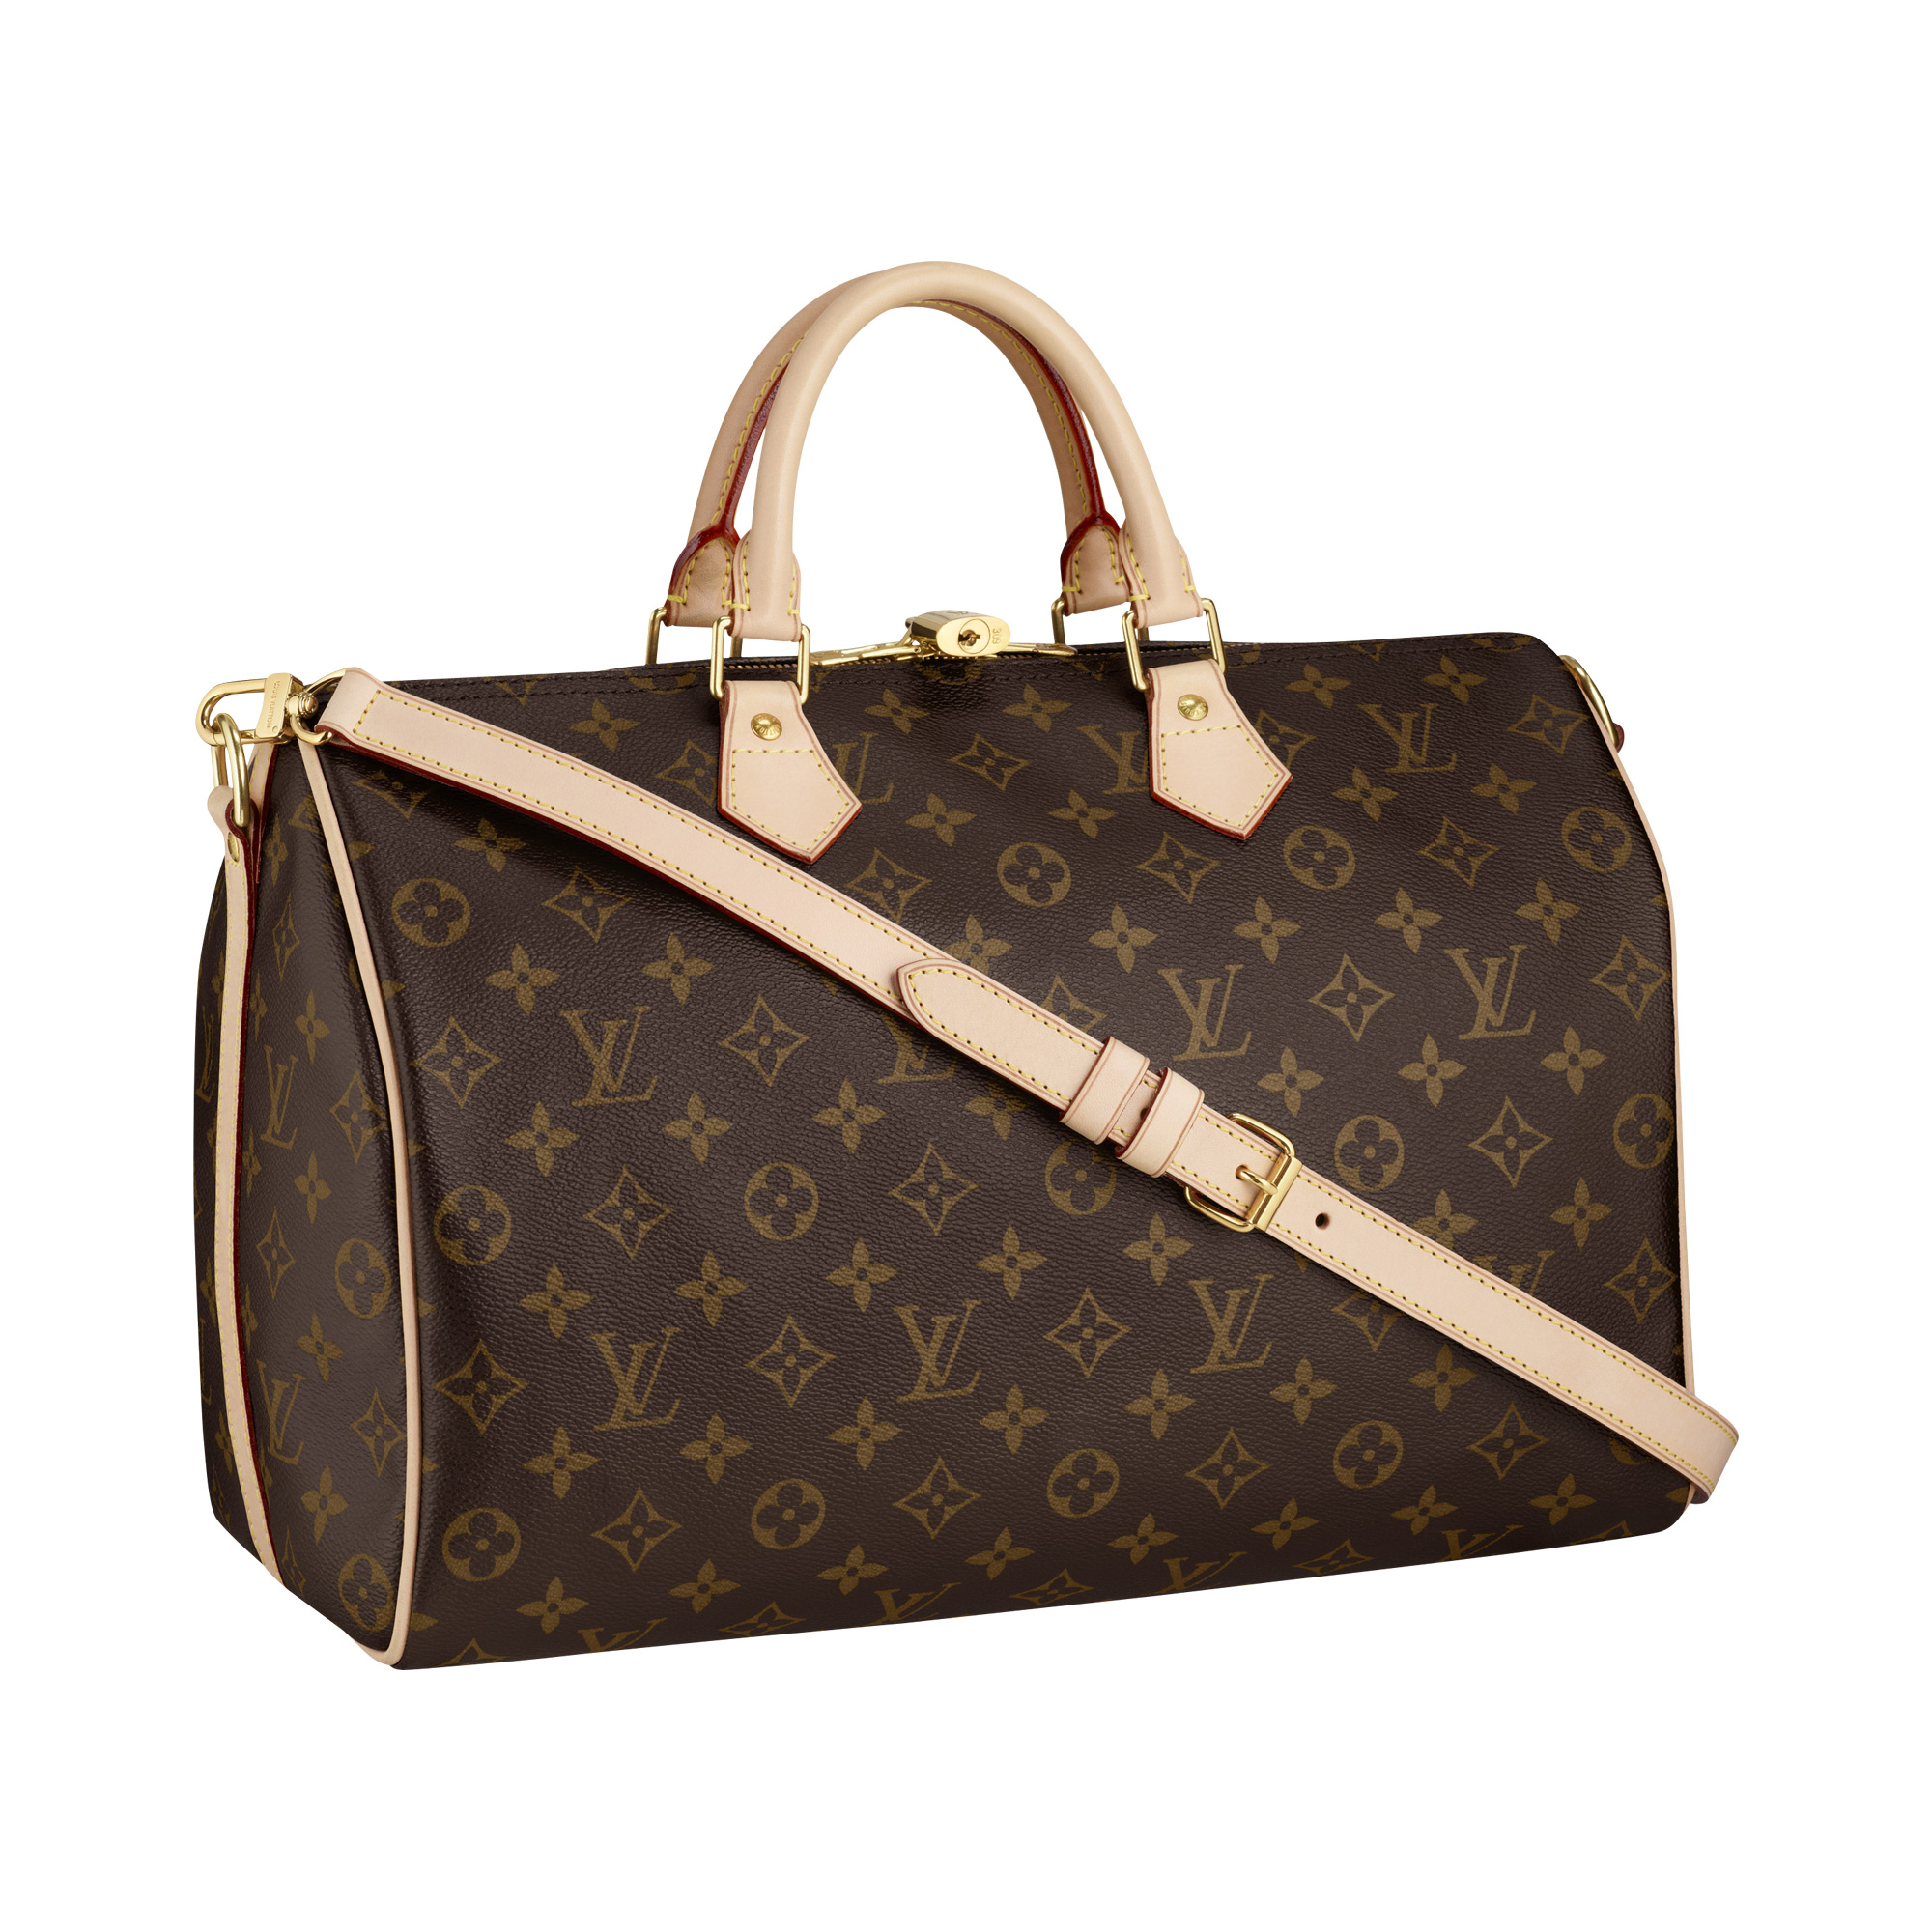 a6a8f48e2675 Женские сумки Луи Витон